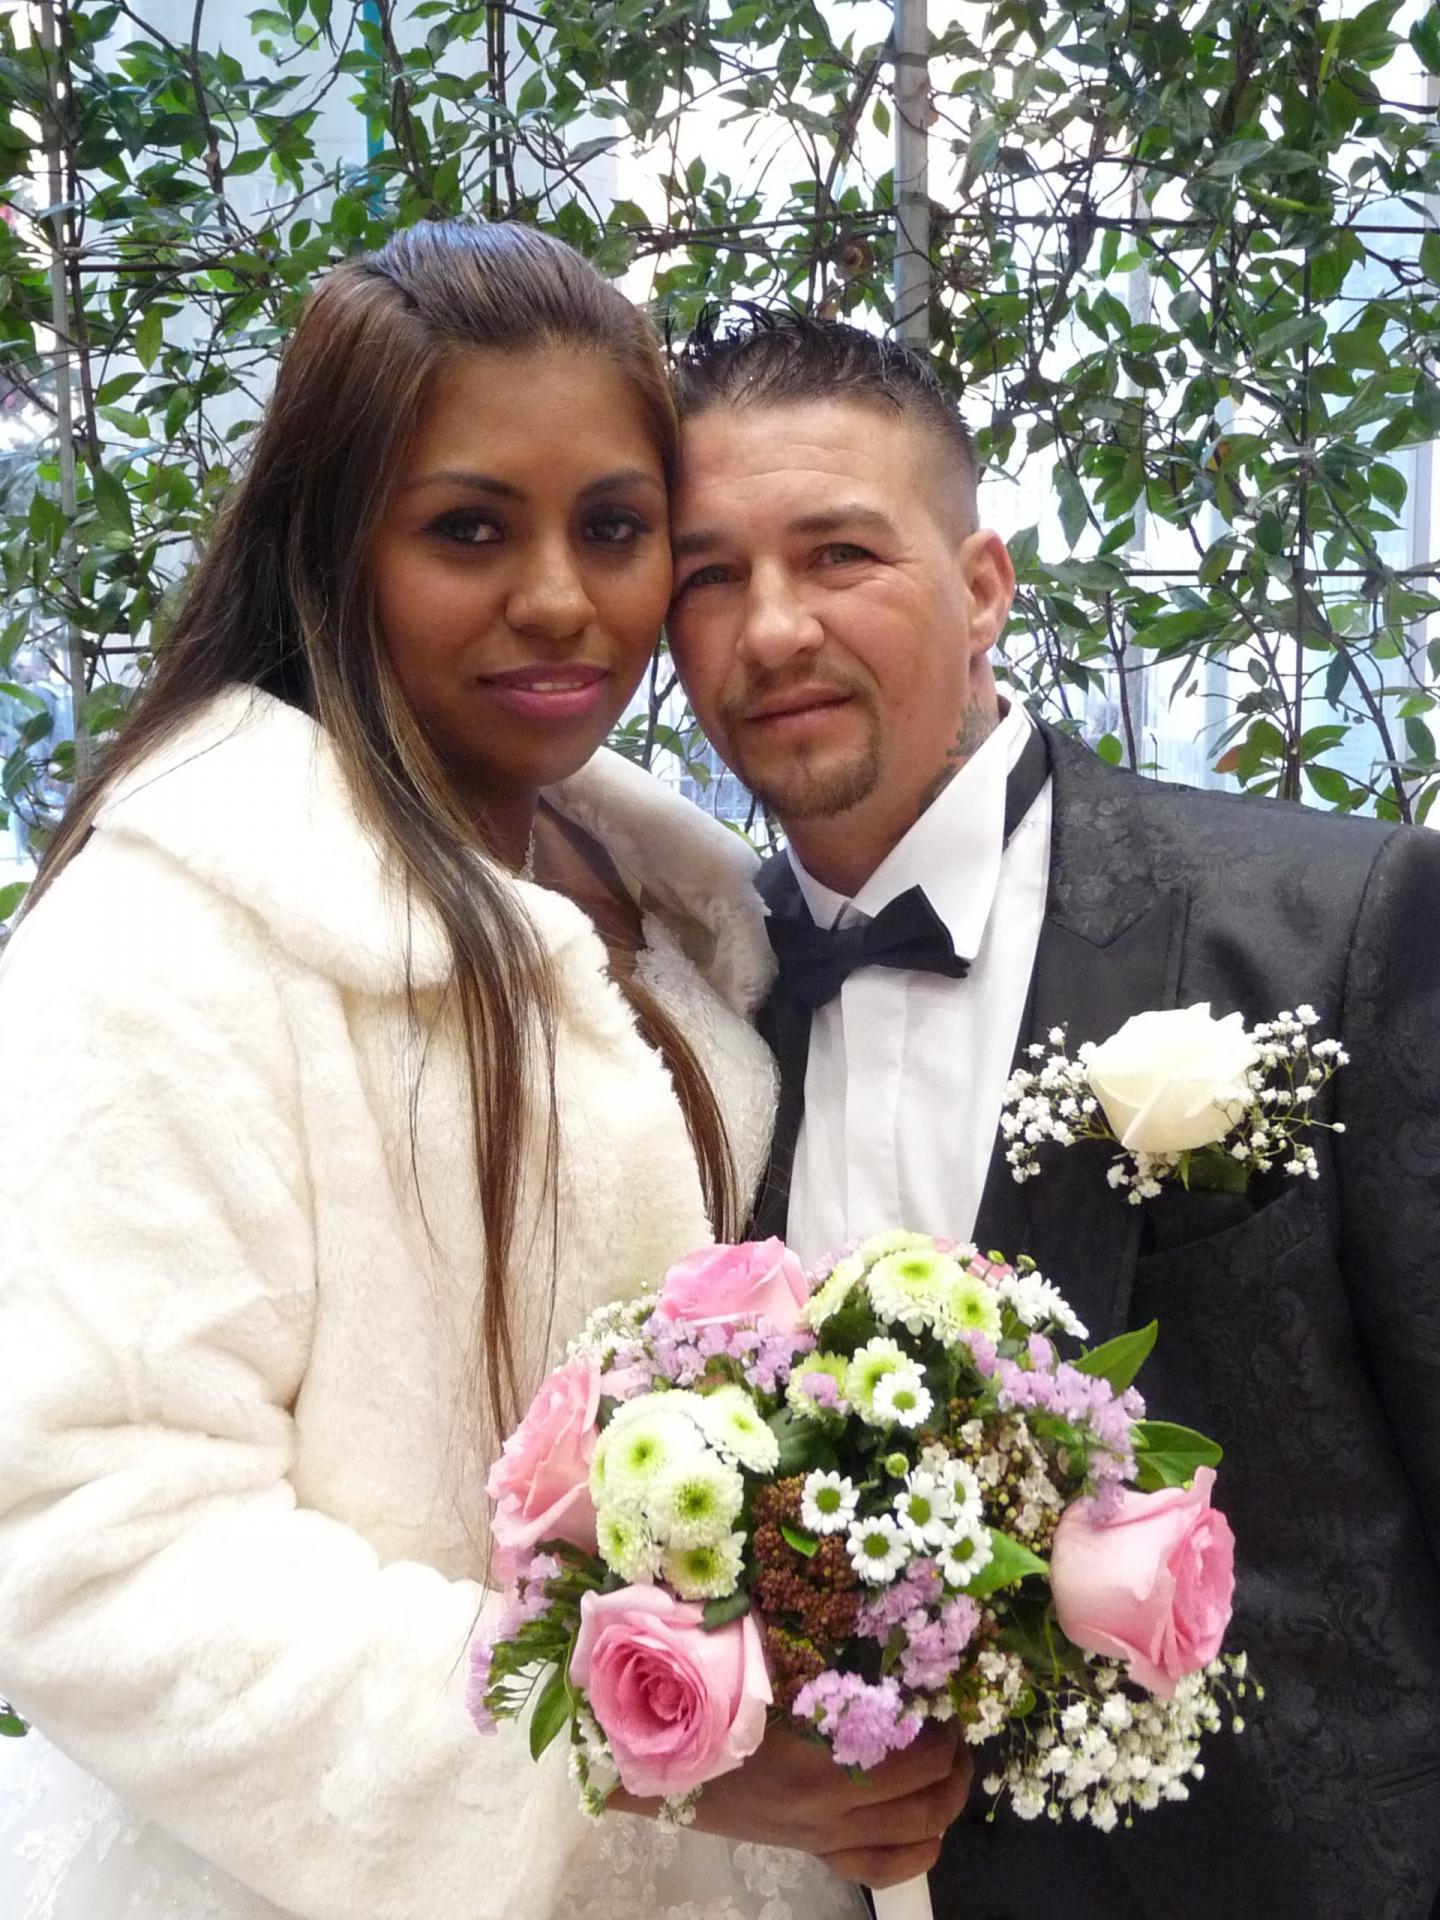 Evelyn Iriarte Rayo, sans emploi, et Joao Correia Raimundo, coffreur.